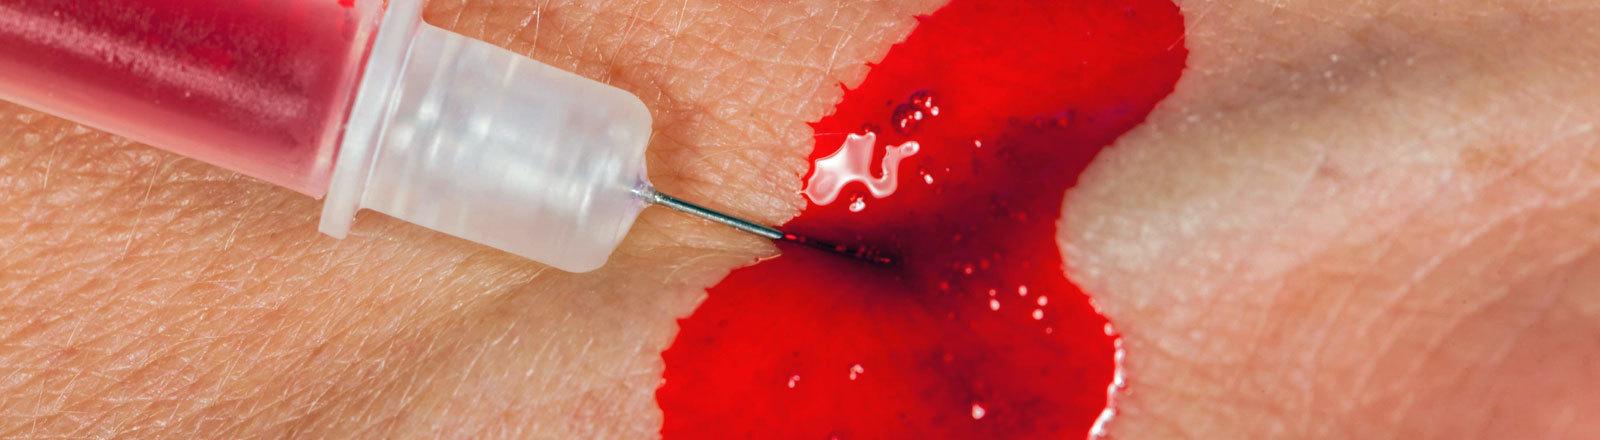 Eine Spritze sticht in die Haut und es blutet.